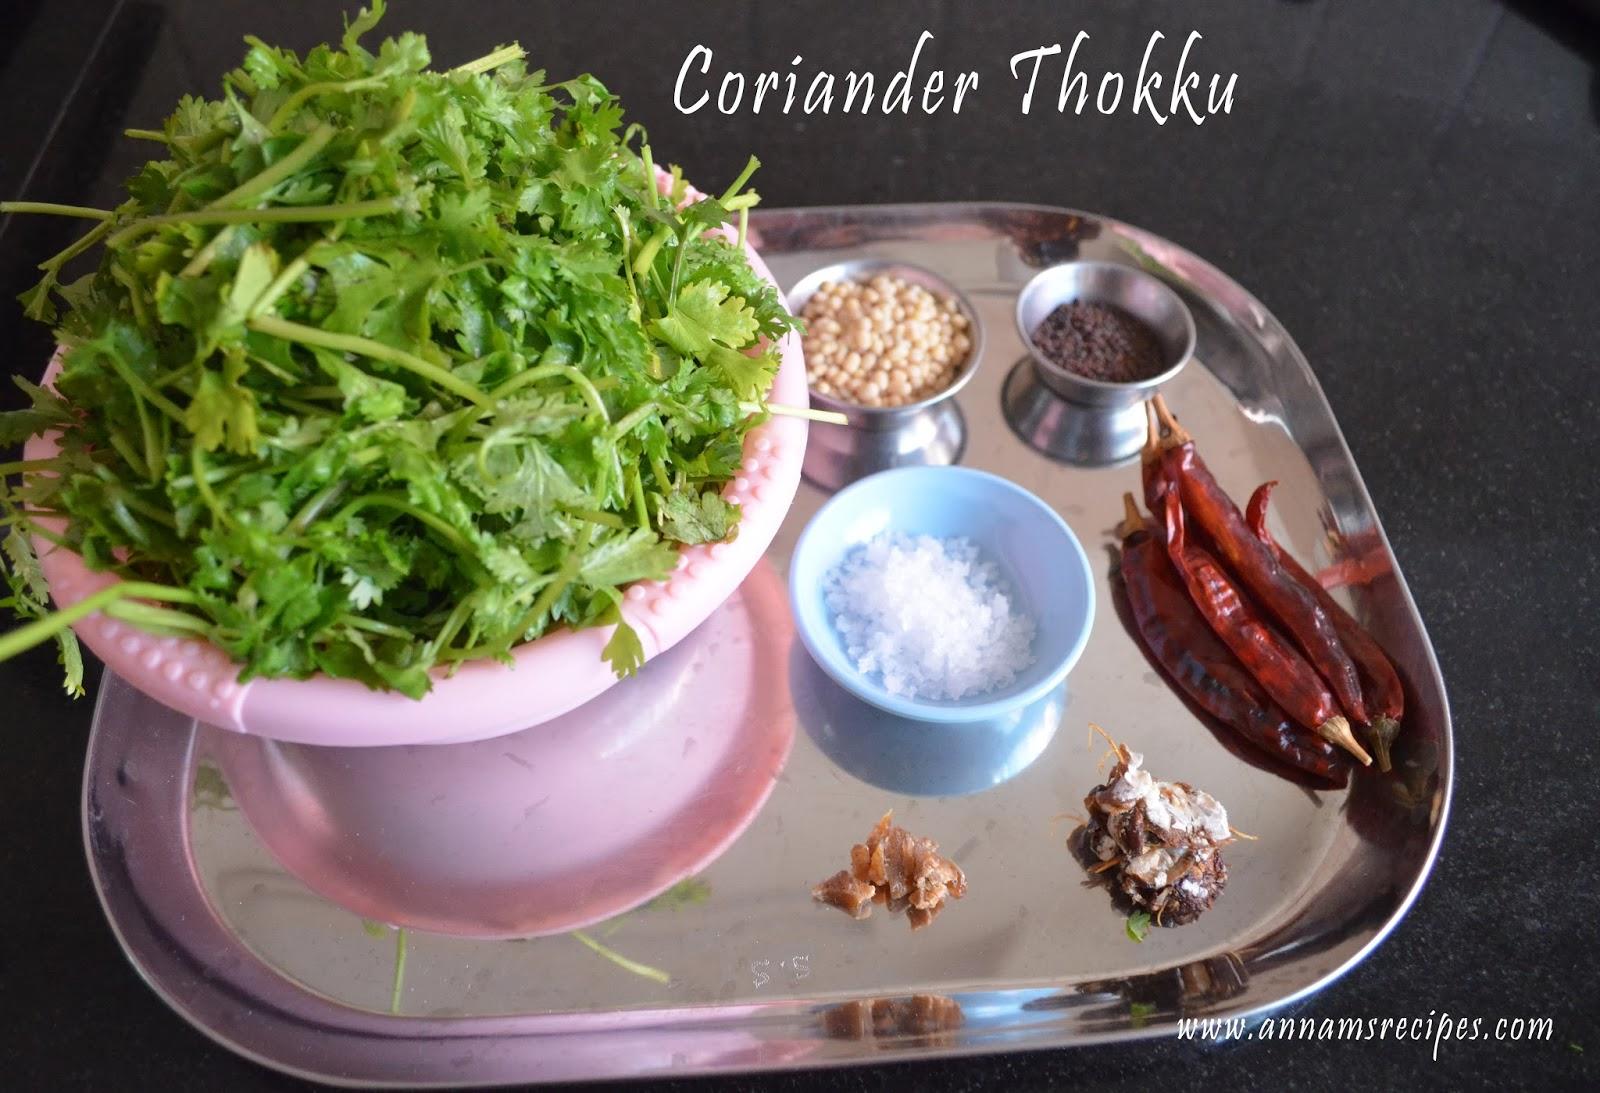 Coriander Thokku